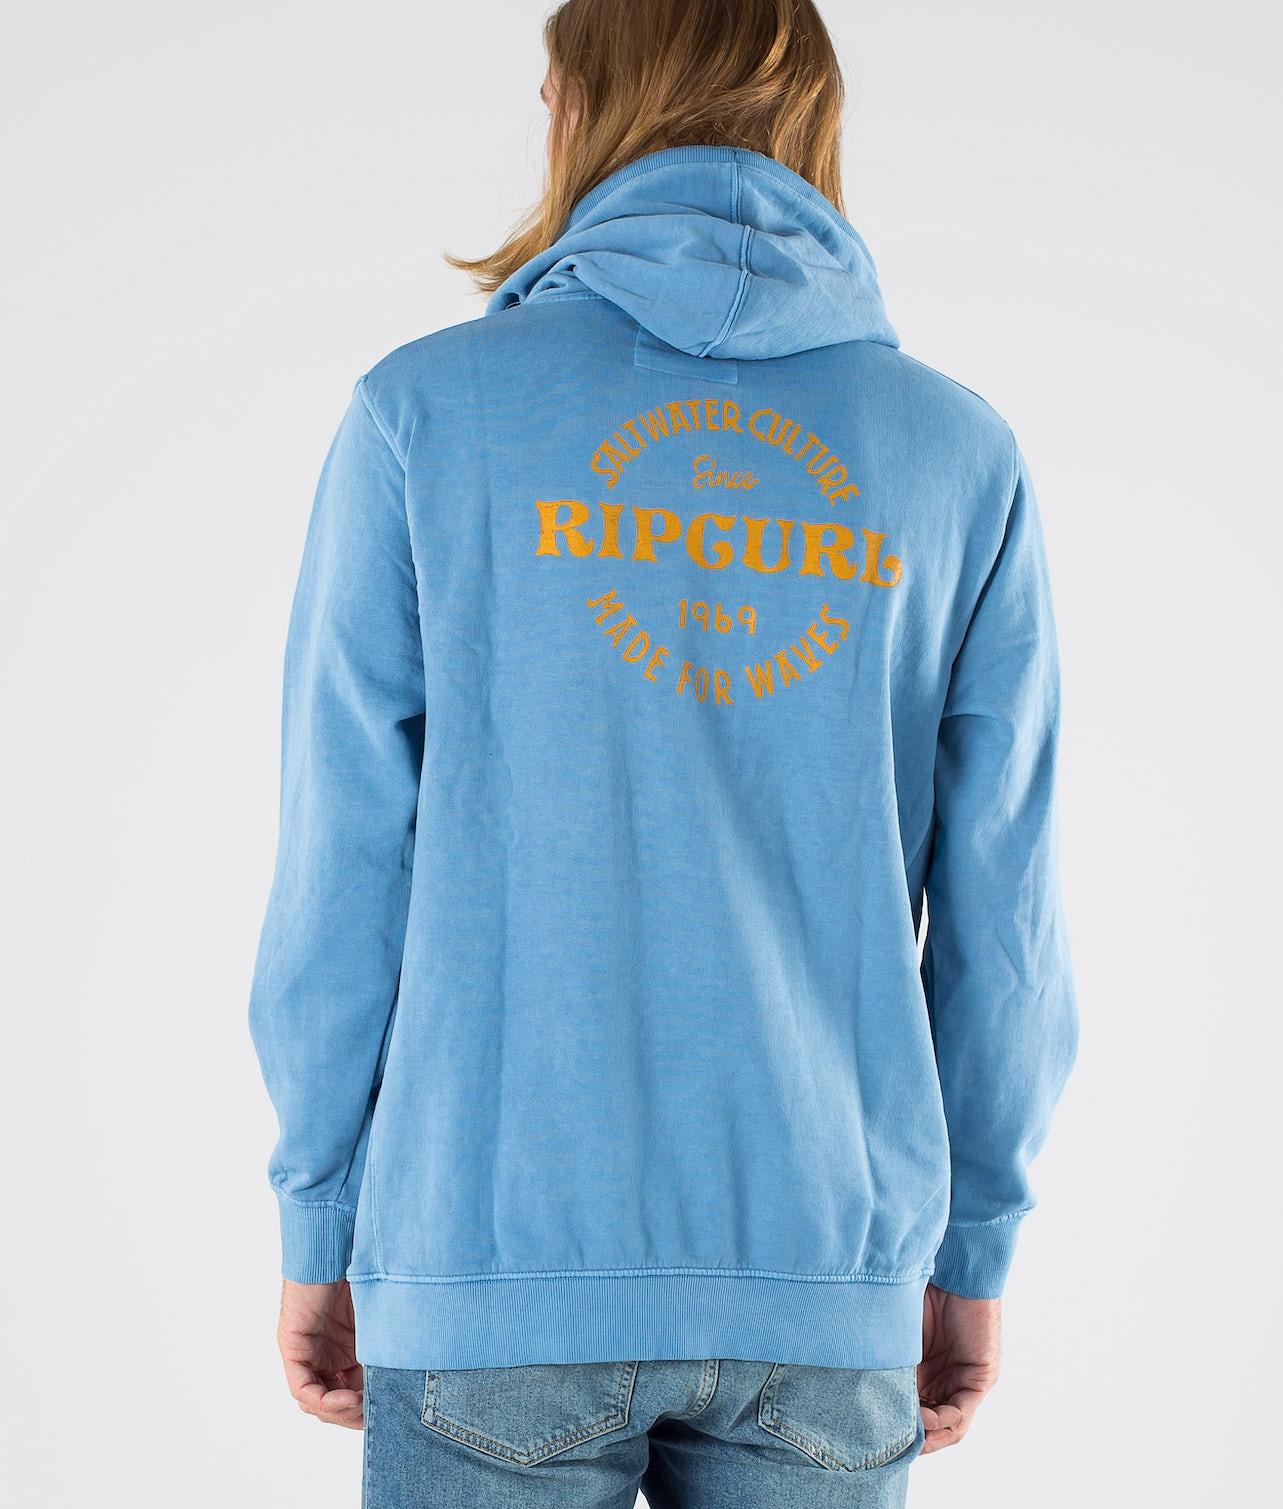 Kaufe Perfecto Hoodie von Rip Curl bei Ridestore.de - Kostenloser, schneller Versand & Rückversand.